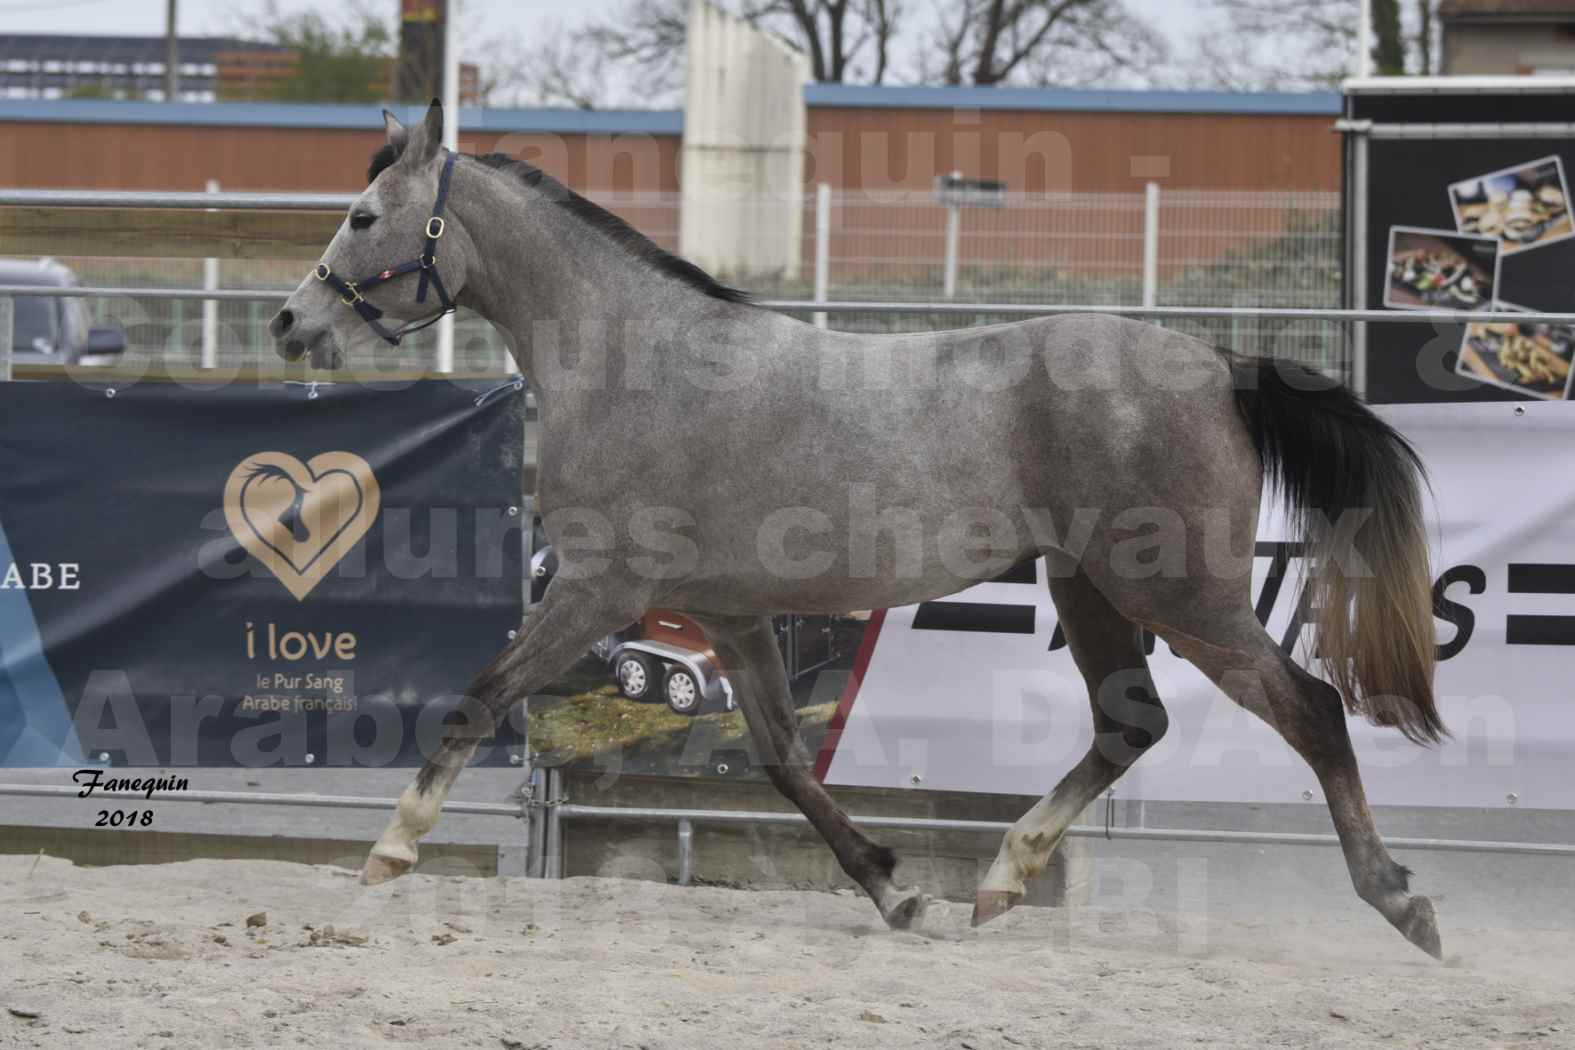 Concours d'élevage de Chevaux Arabes - D. S. A. - A. A. - ALBI les 6 & 7 Avril 2018 - FESIHAMKA ARTAGNAN - Notre Sélection - 6